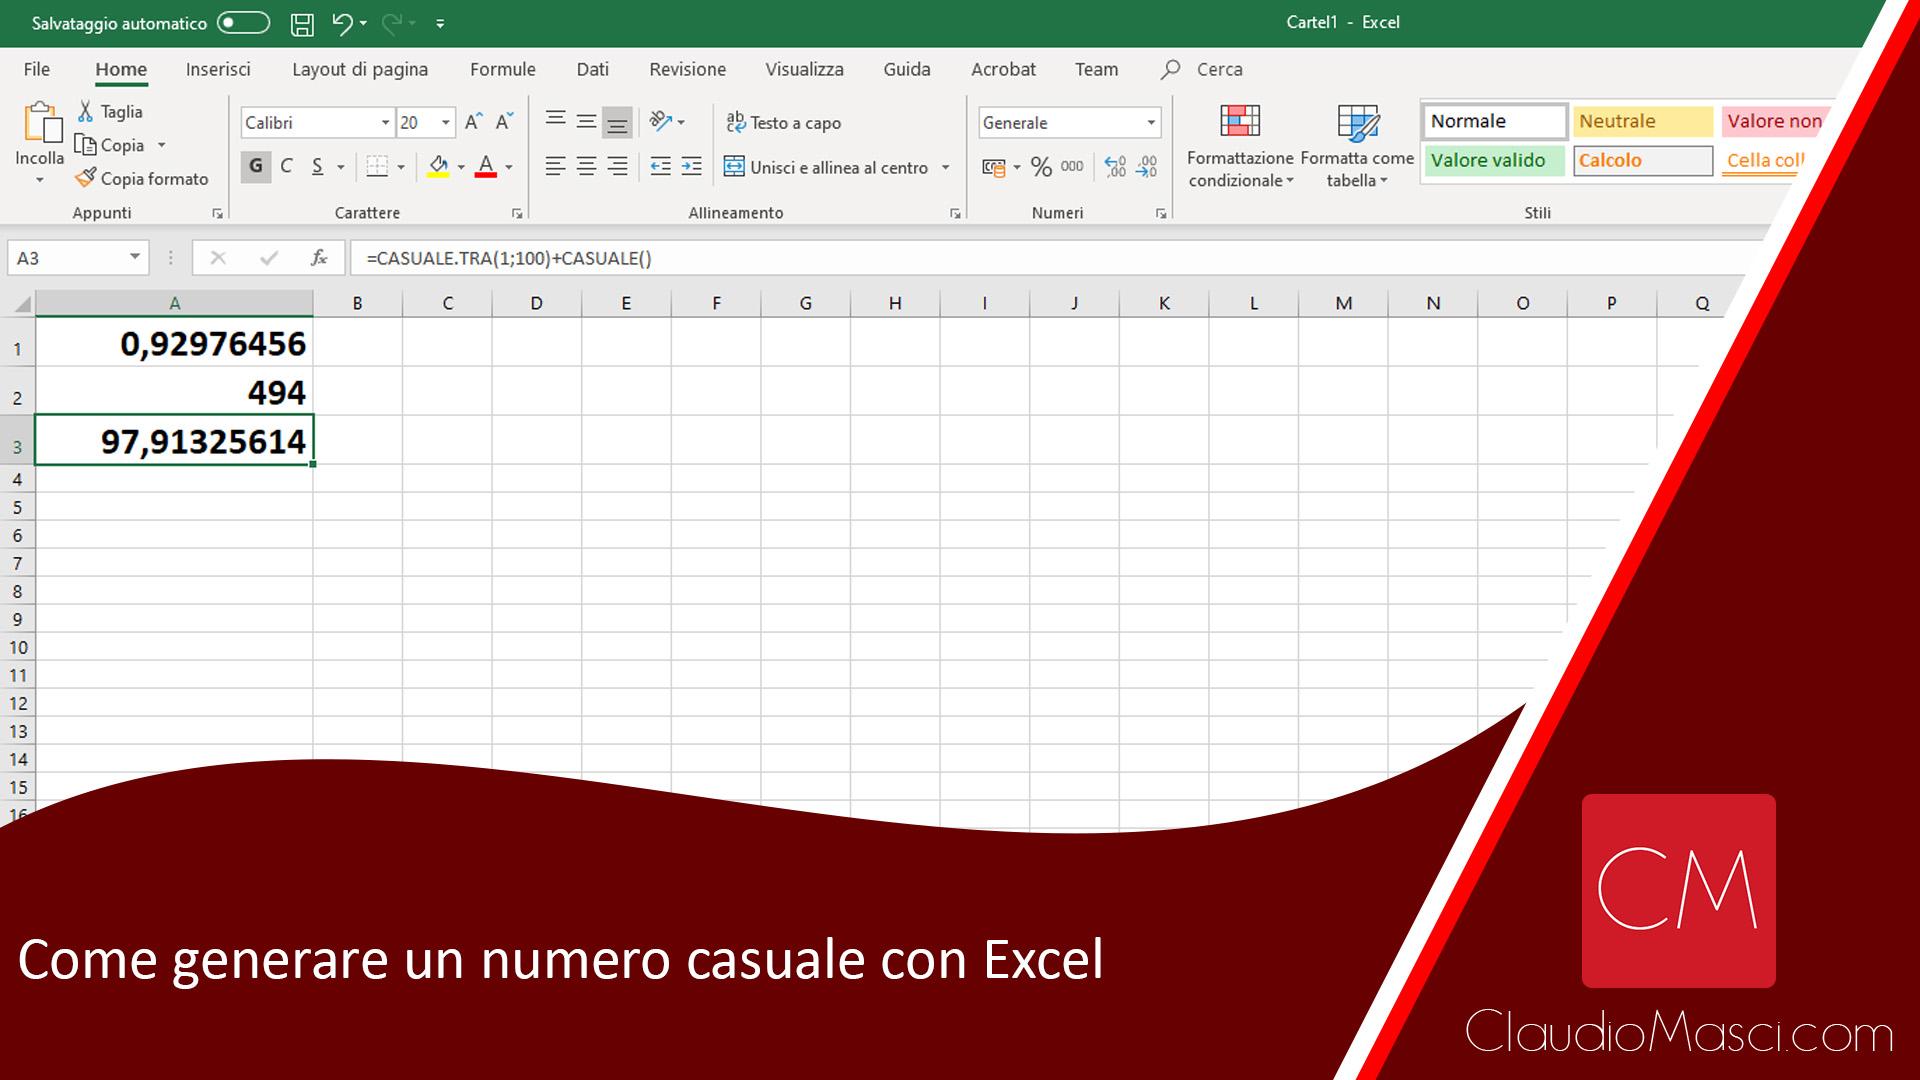 Come generare un numero casuale con Excel